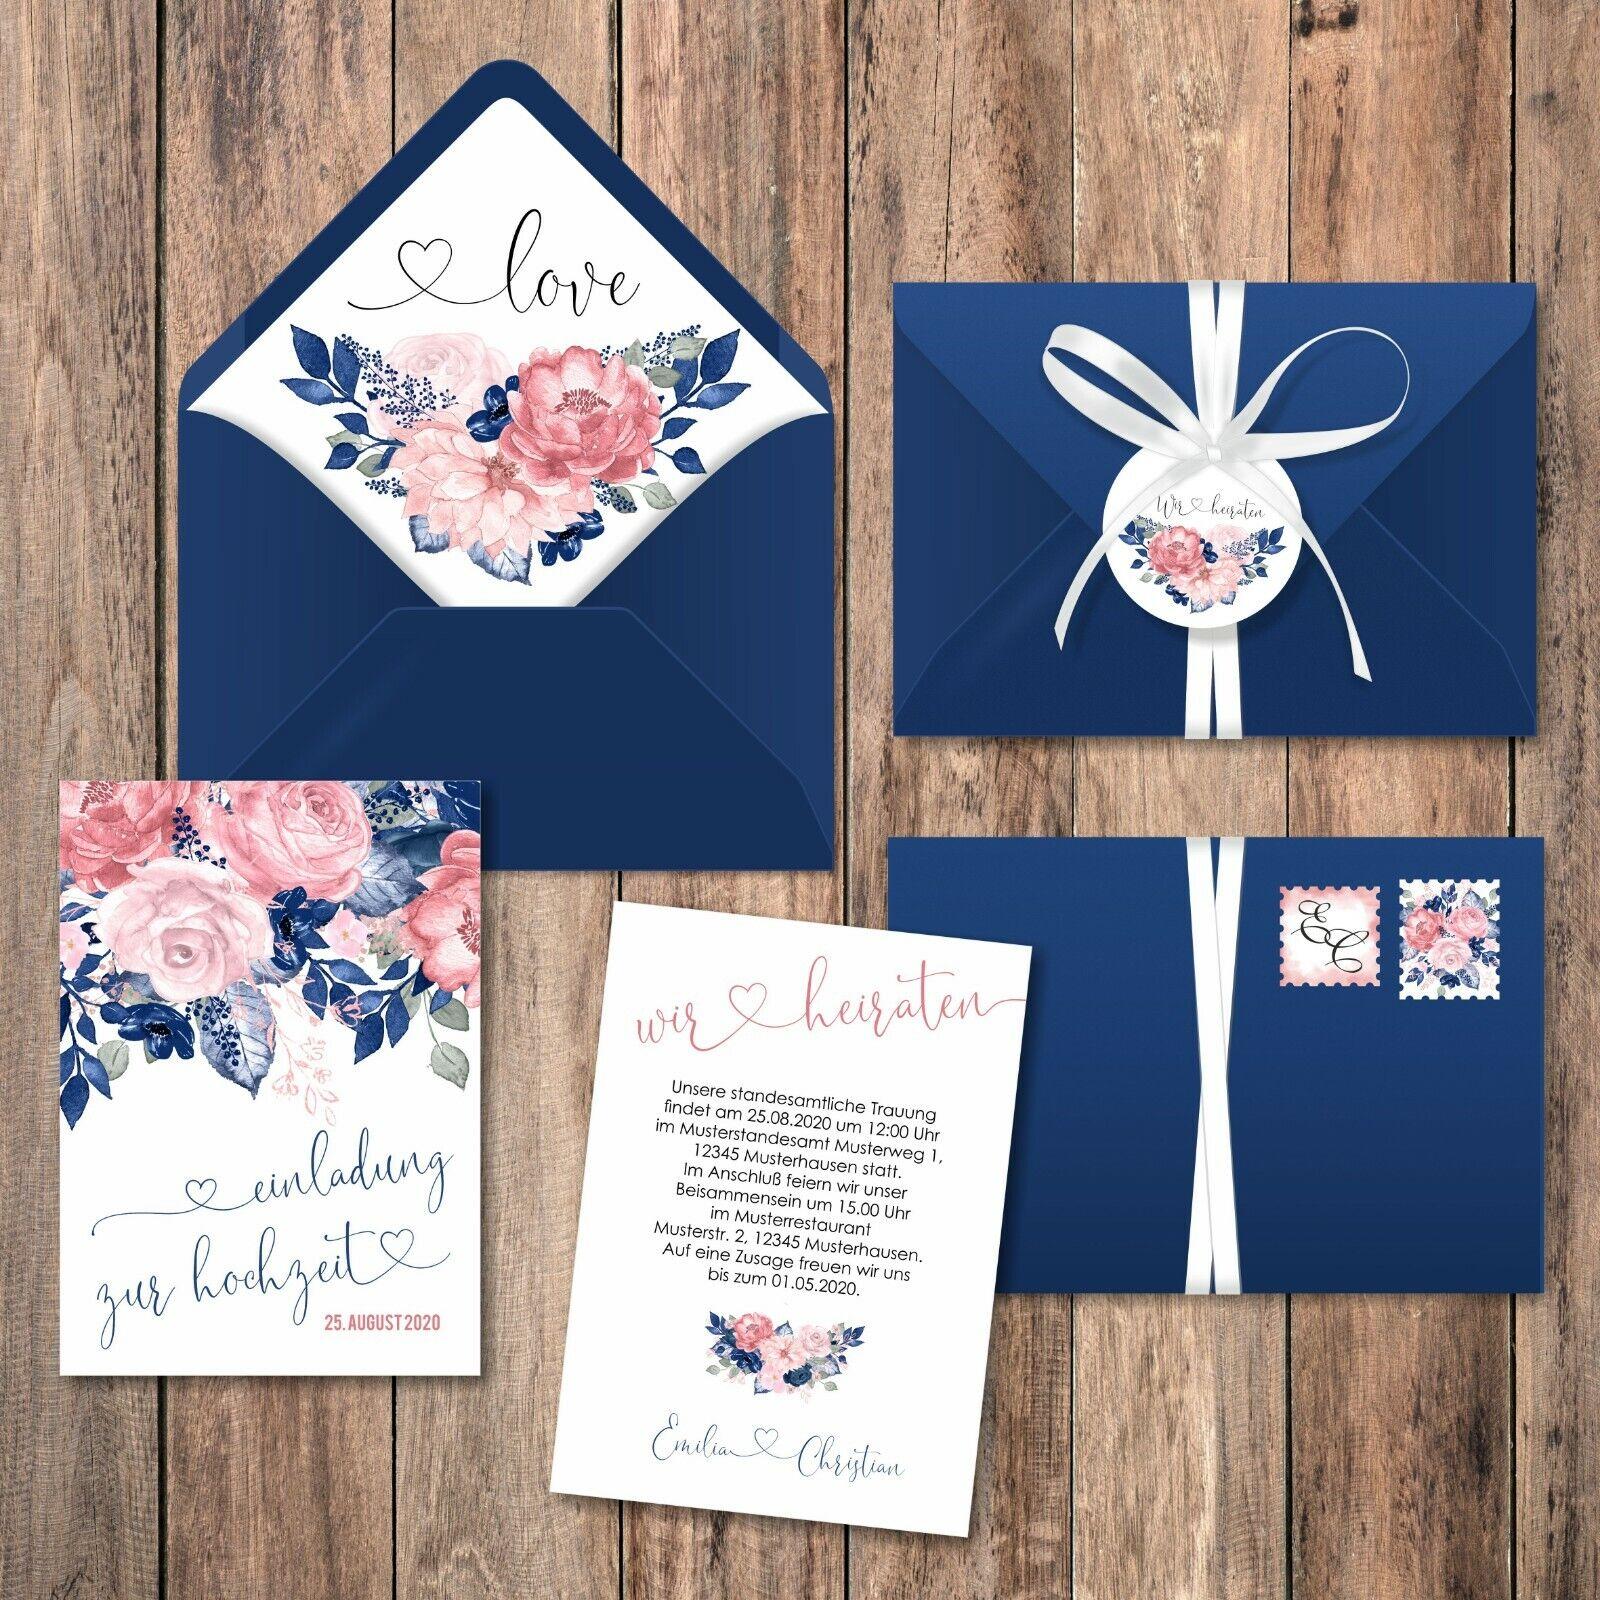 Einladungskarten Hochzeit Hochzeitskarten Vintage mit Anhänger, mit Umschlag    Hohe Qualität Und Geringen Overhead    Düsseldorf Online Shop    Qualitativ Hochwertiges Produkt